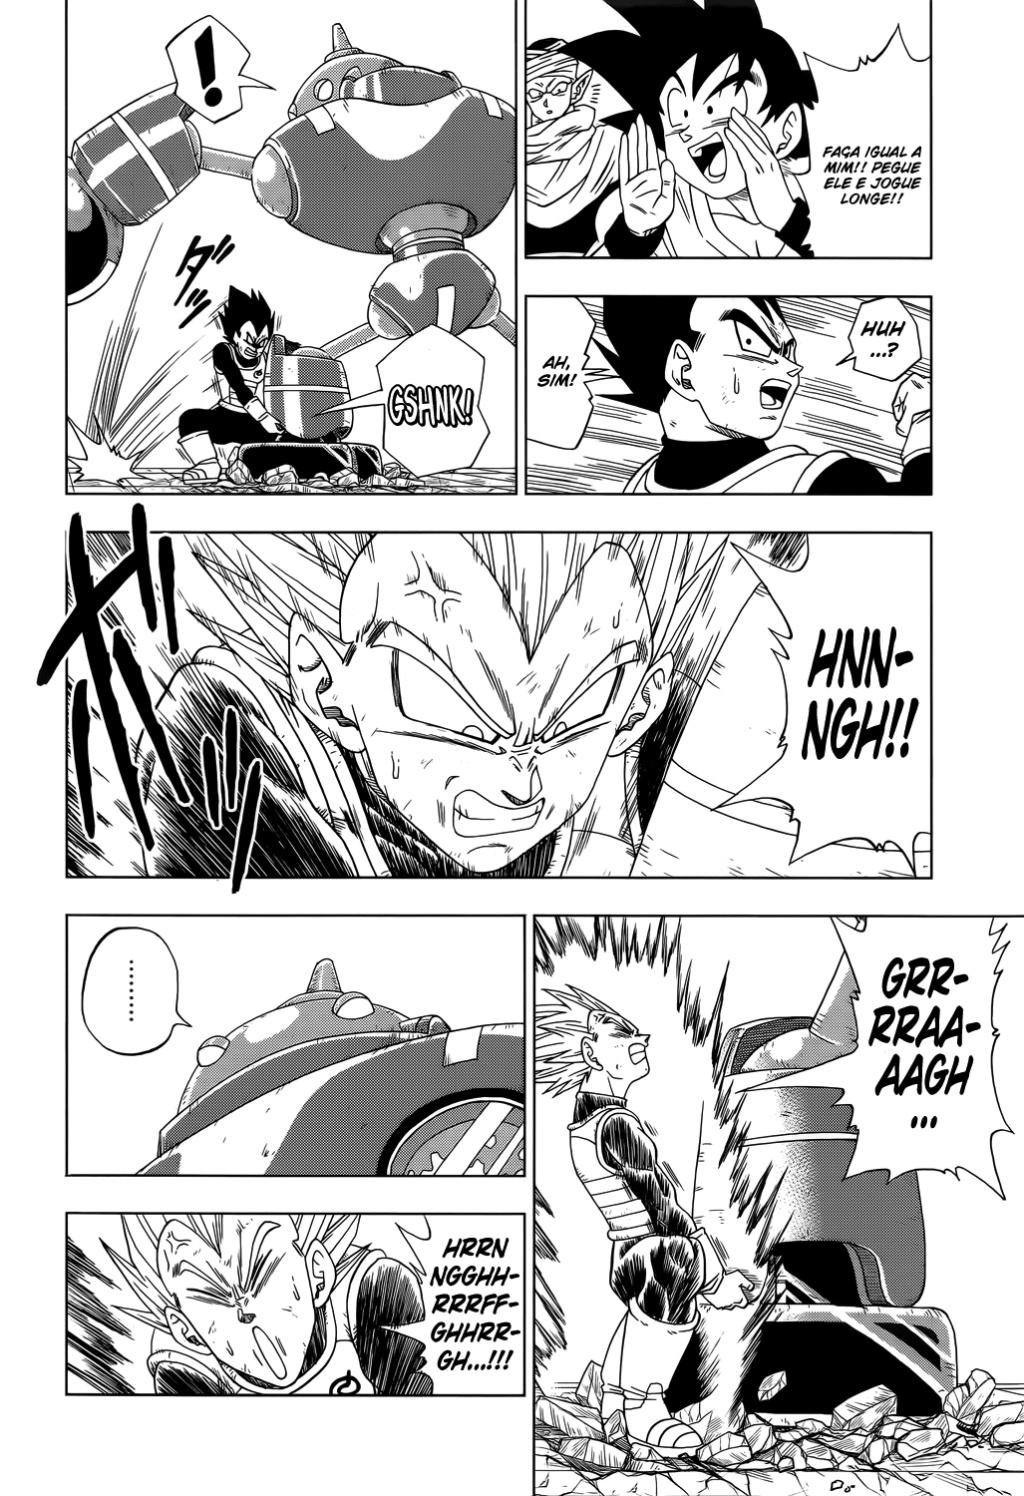 Faz sentido os Fans de Animes Falarem que se Personagem Fraco Vencer Alguém que destrói uma Montanha ele Também destrói uma Montanha? Vegeta10